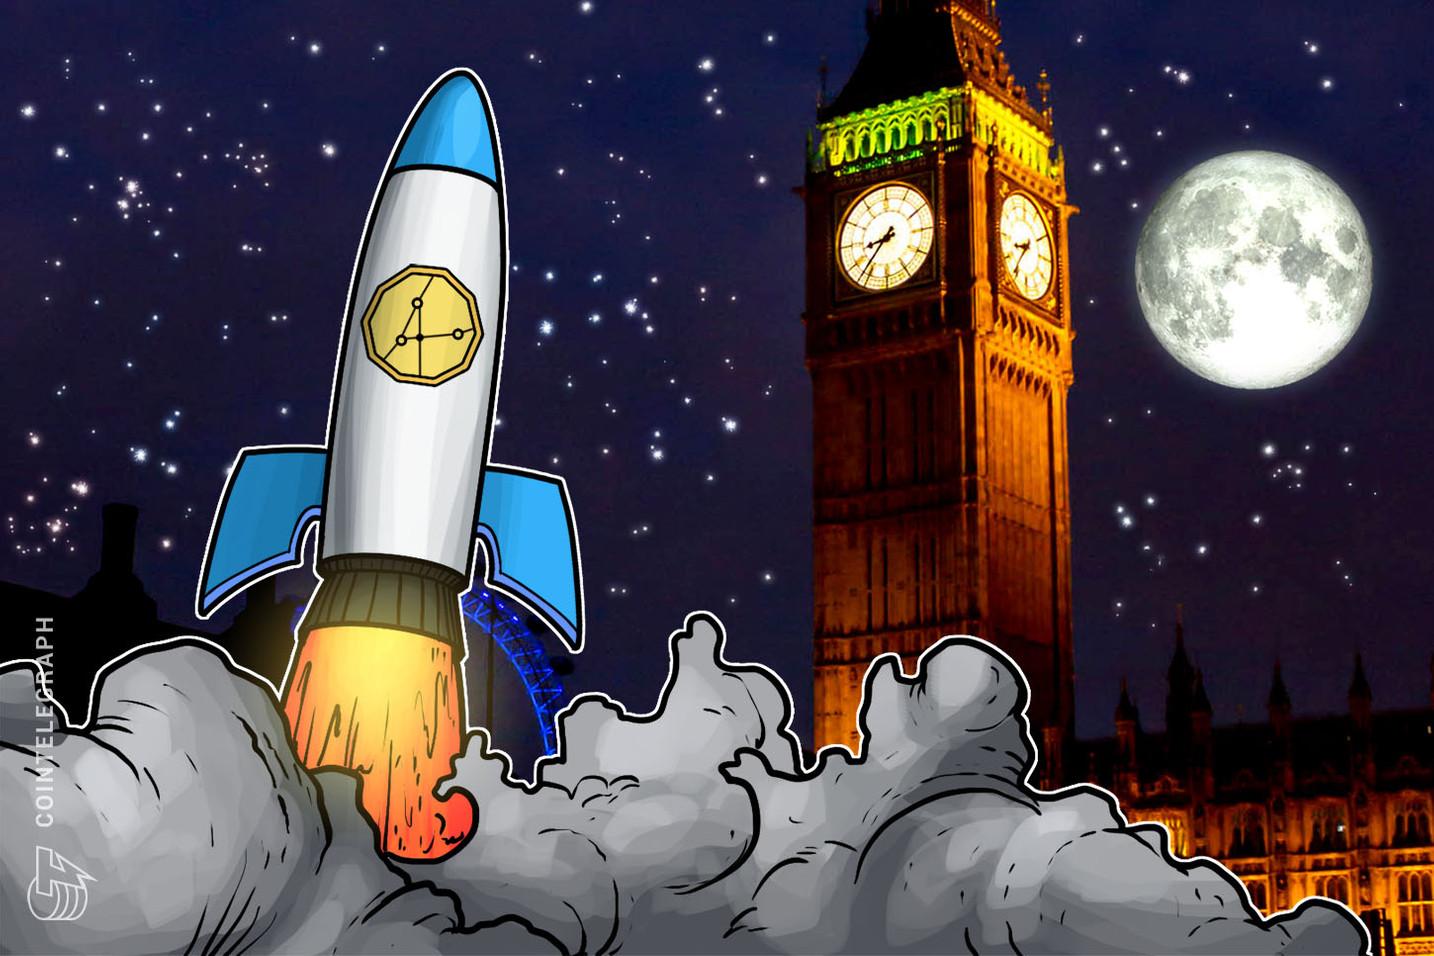 """خدمة تحويل الأموال في المملكة المتحدة """"ترانسفيرغو"""" تضيف تداول العملات المشفرة"""